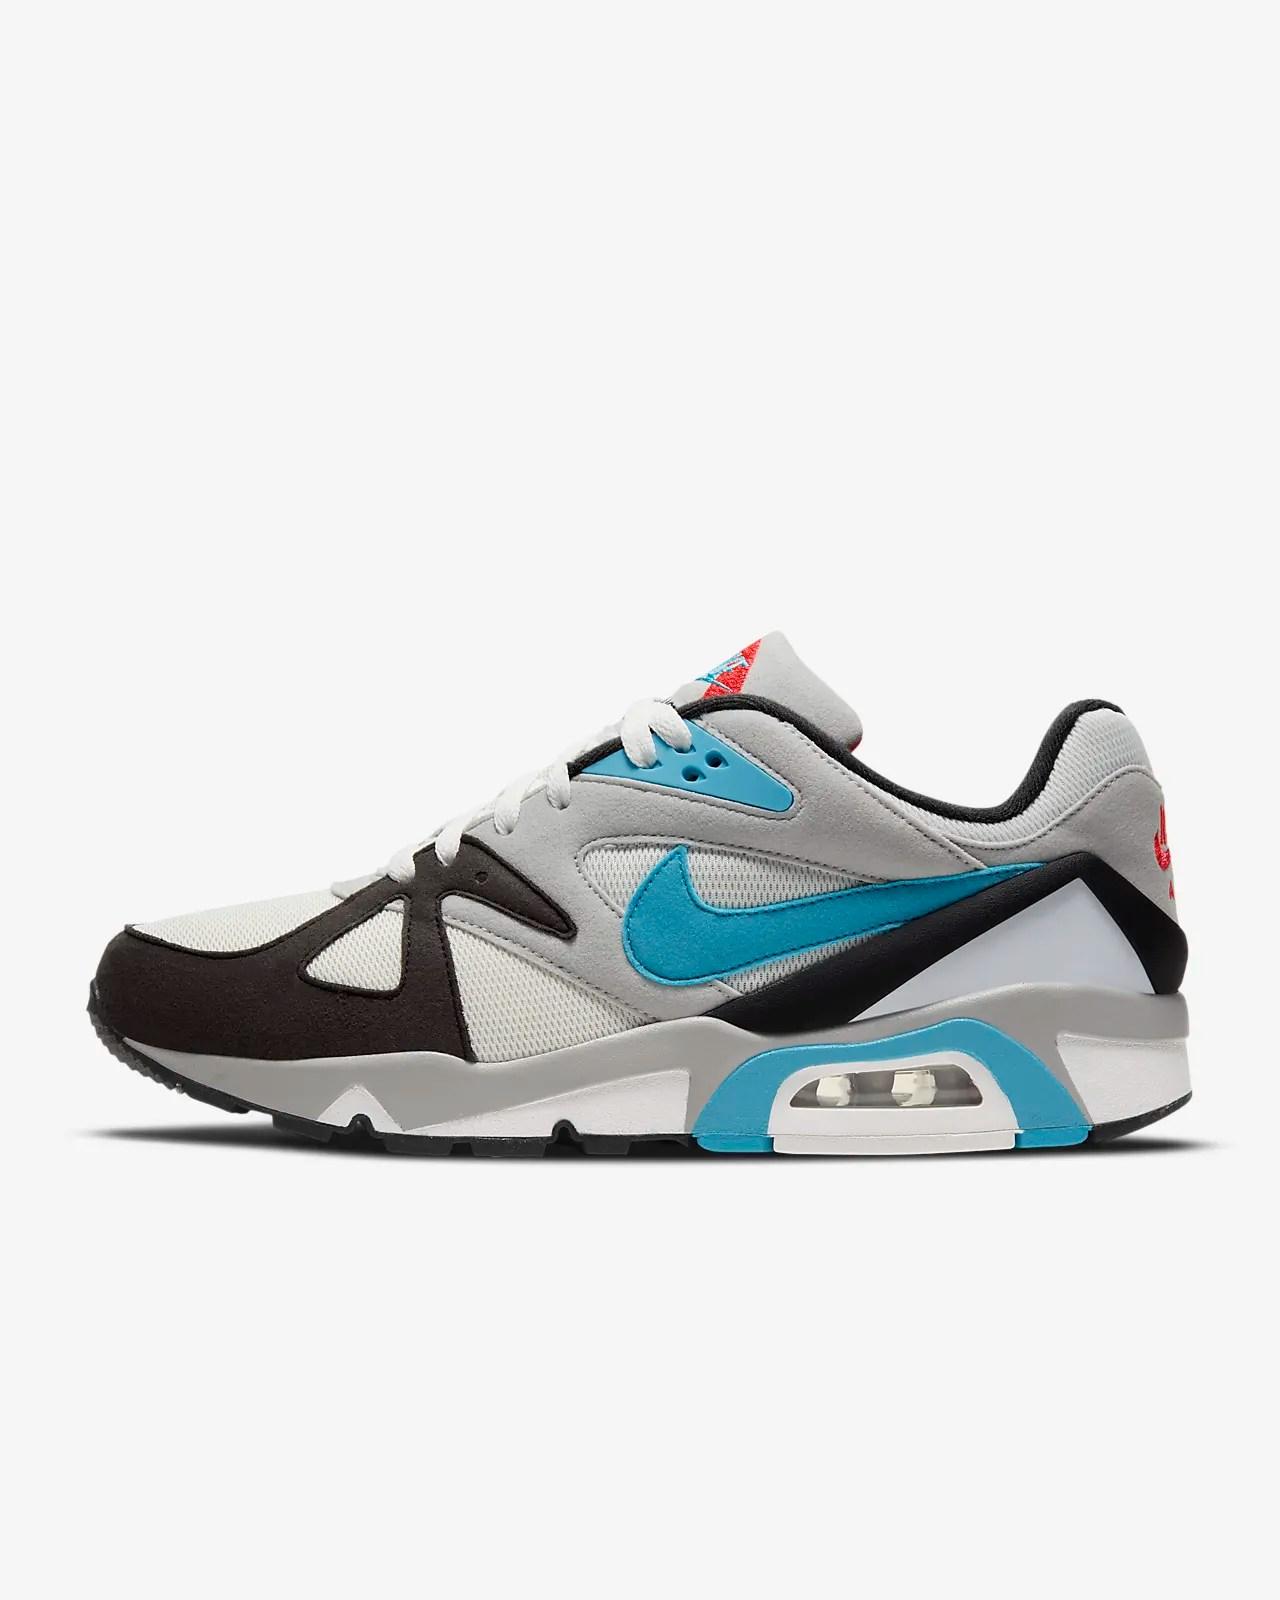 NIke Air Structure OG Men's Shoe